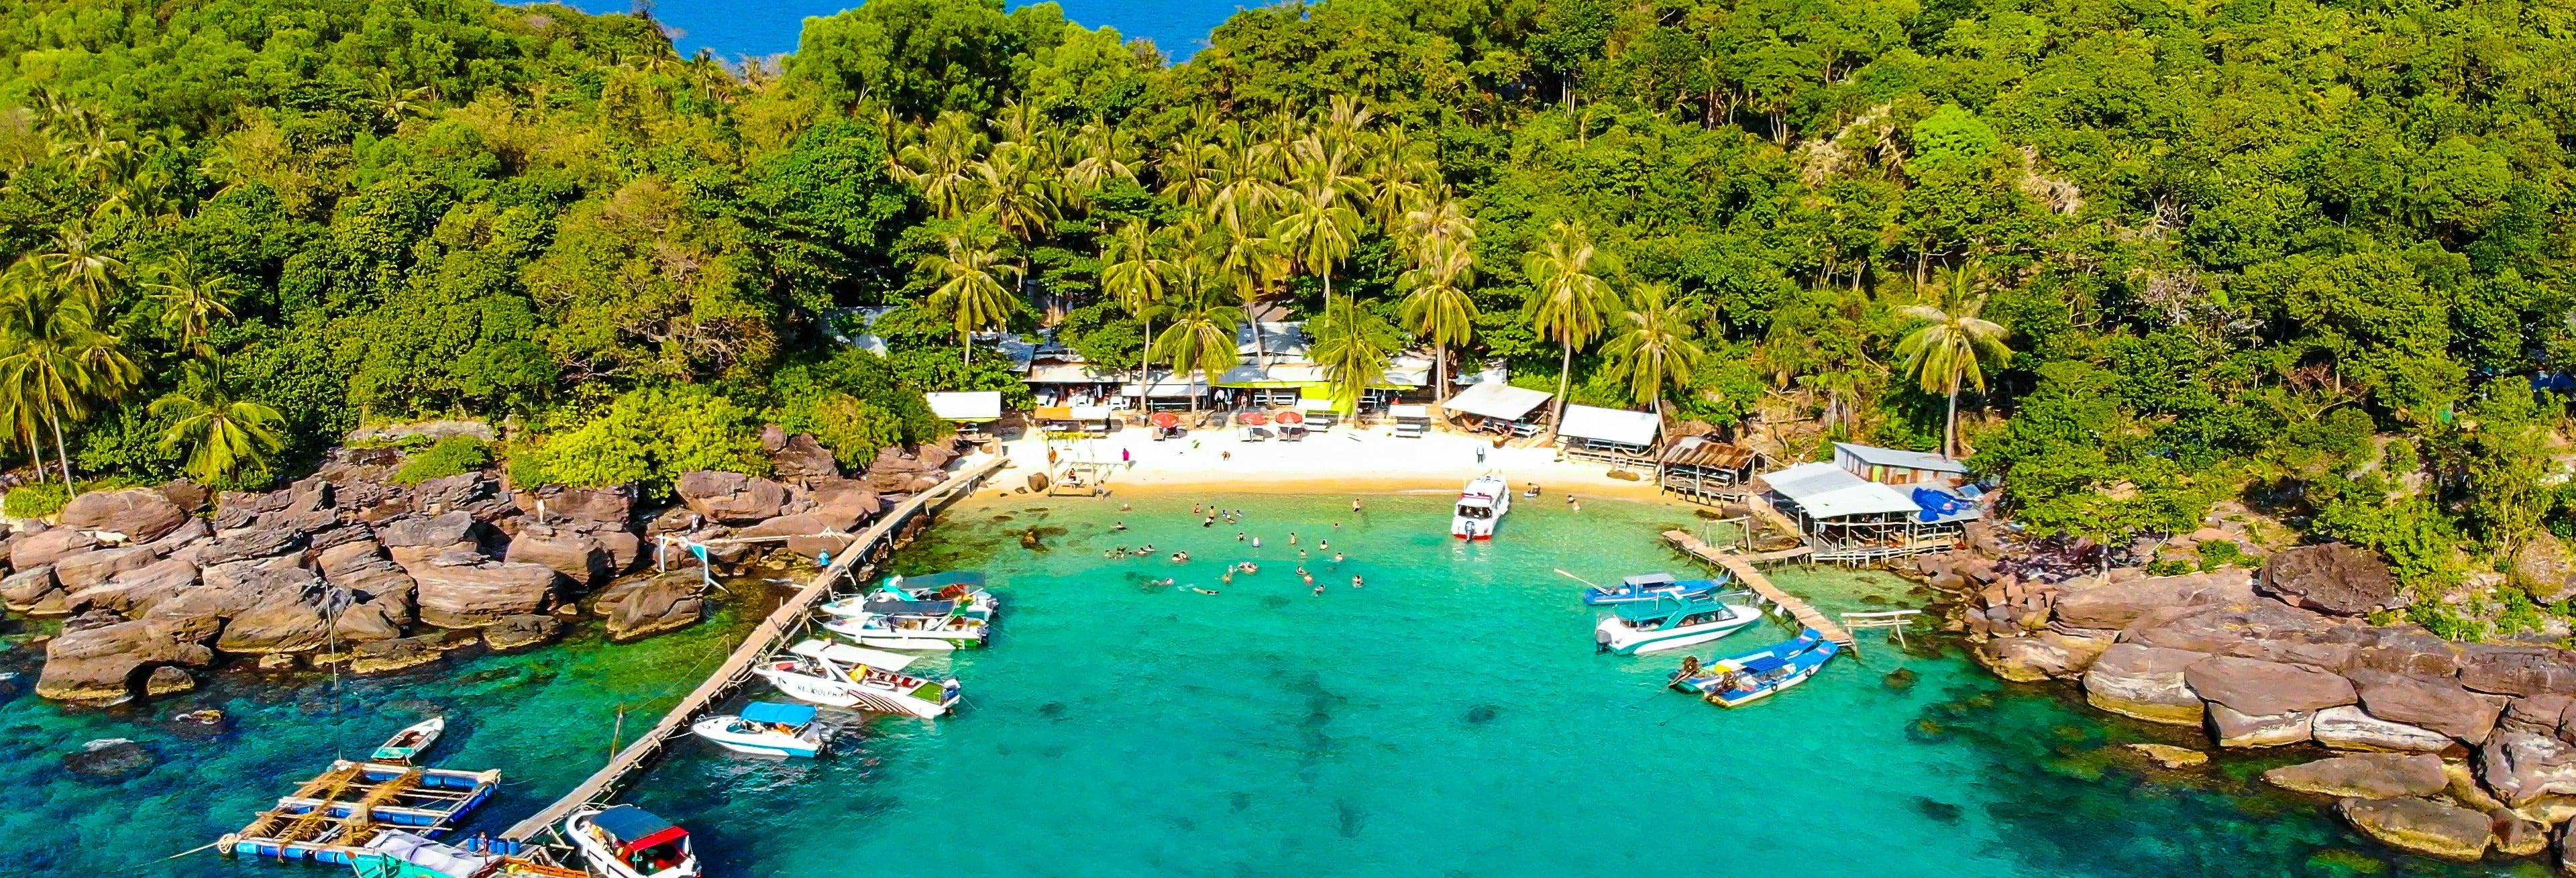 Excursión de 2 días a la isla May Rut